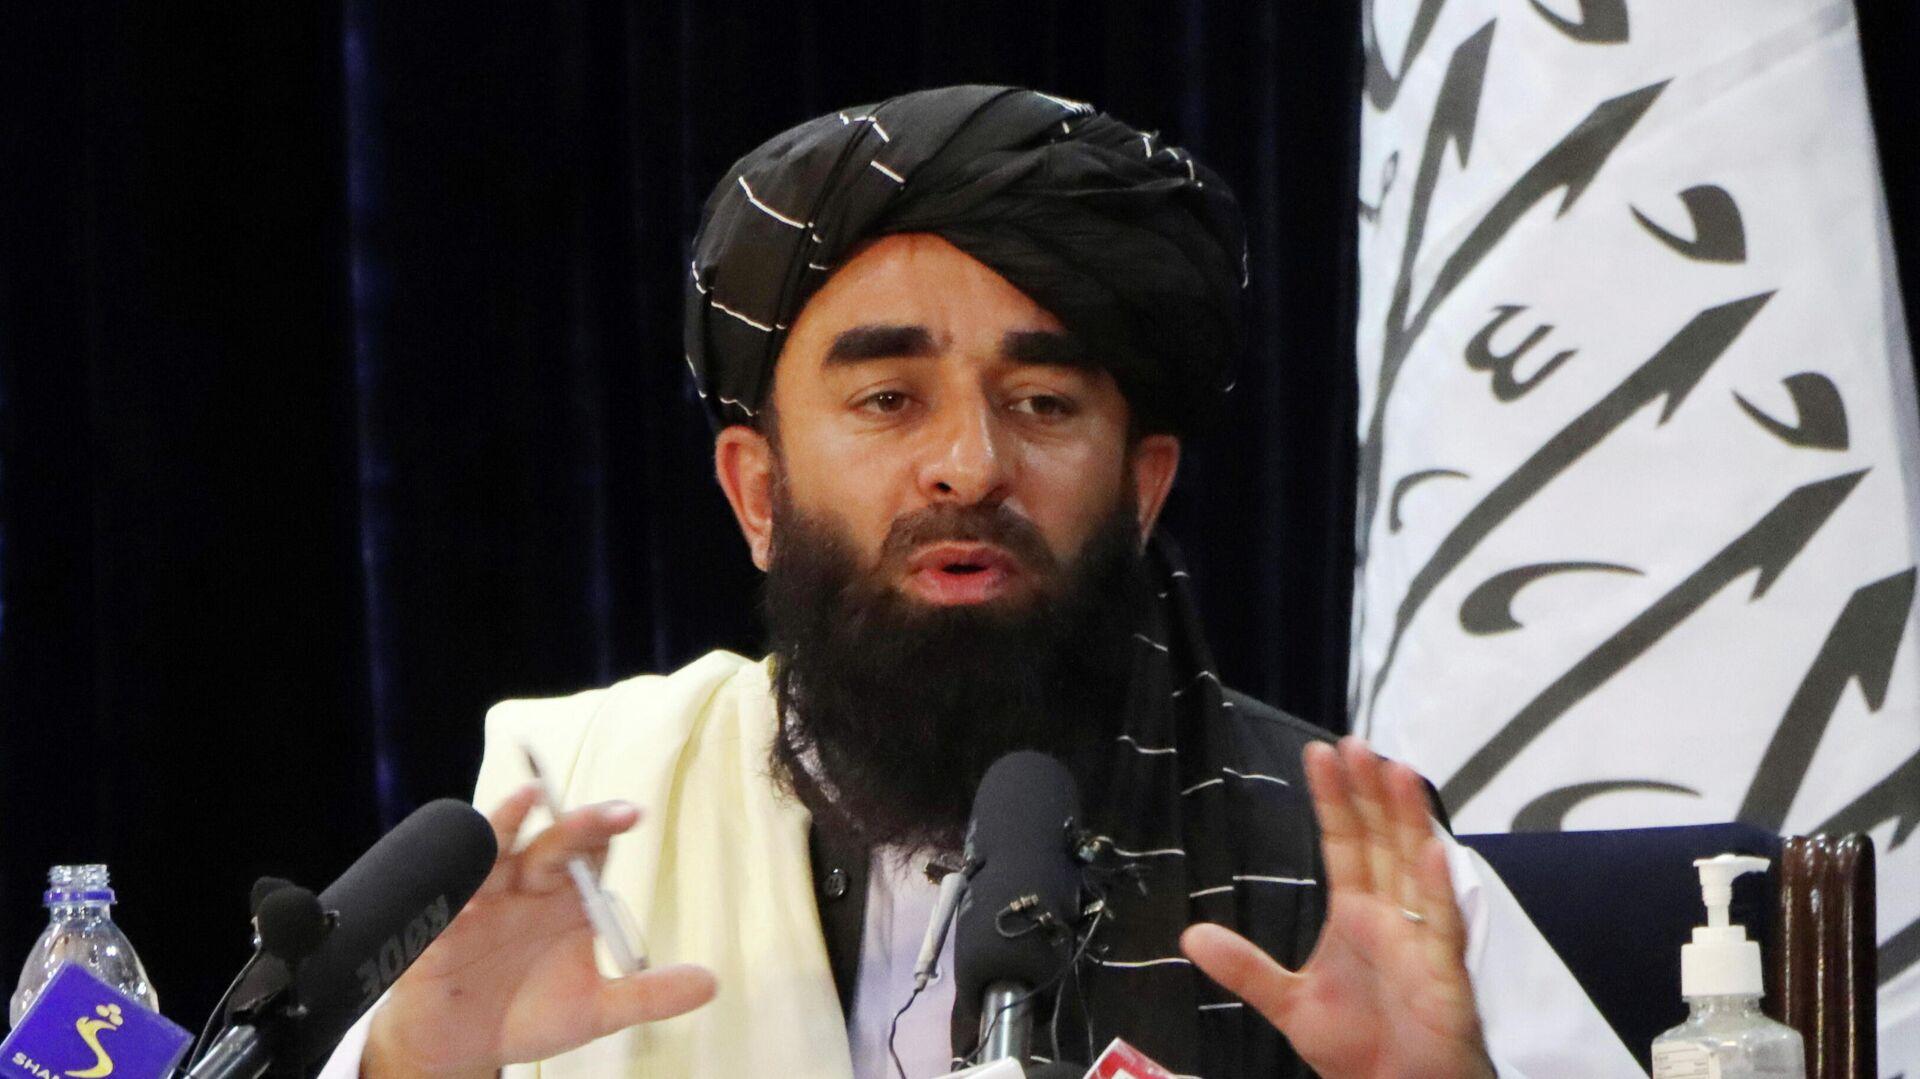 Taliban Sözcüsü Zabihullah Mücahid, Kabil'de basın toplantısı düzenlerken (Ağustos 2021) - Sputnik Türkiye, 1920, 23.09.2021